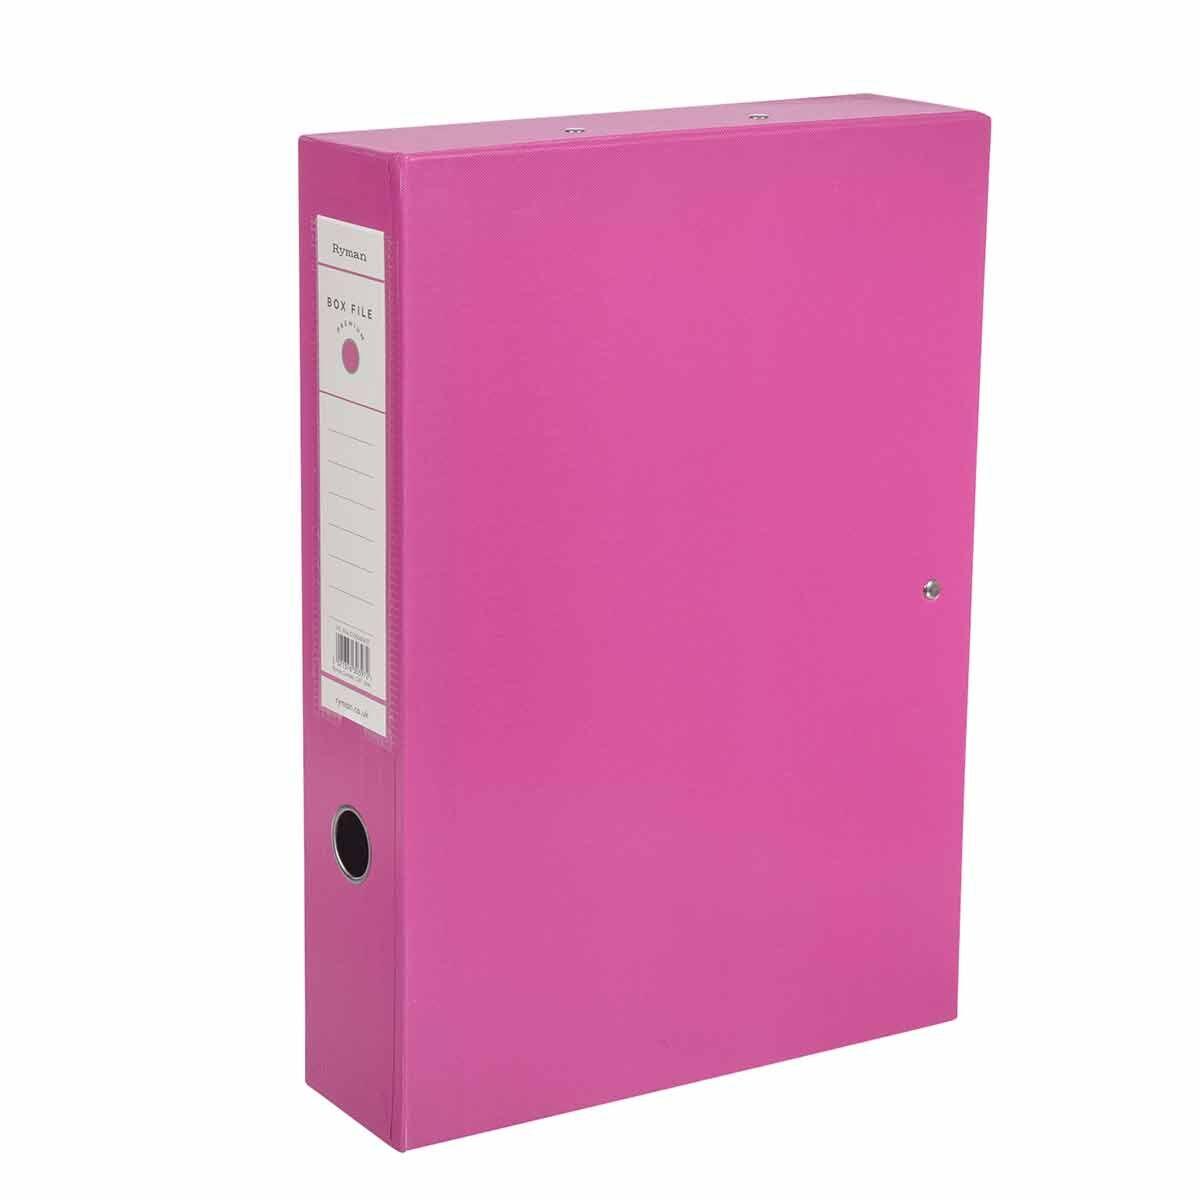 Ryman Premium Box File Foolscap Pack of 10 Pink